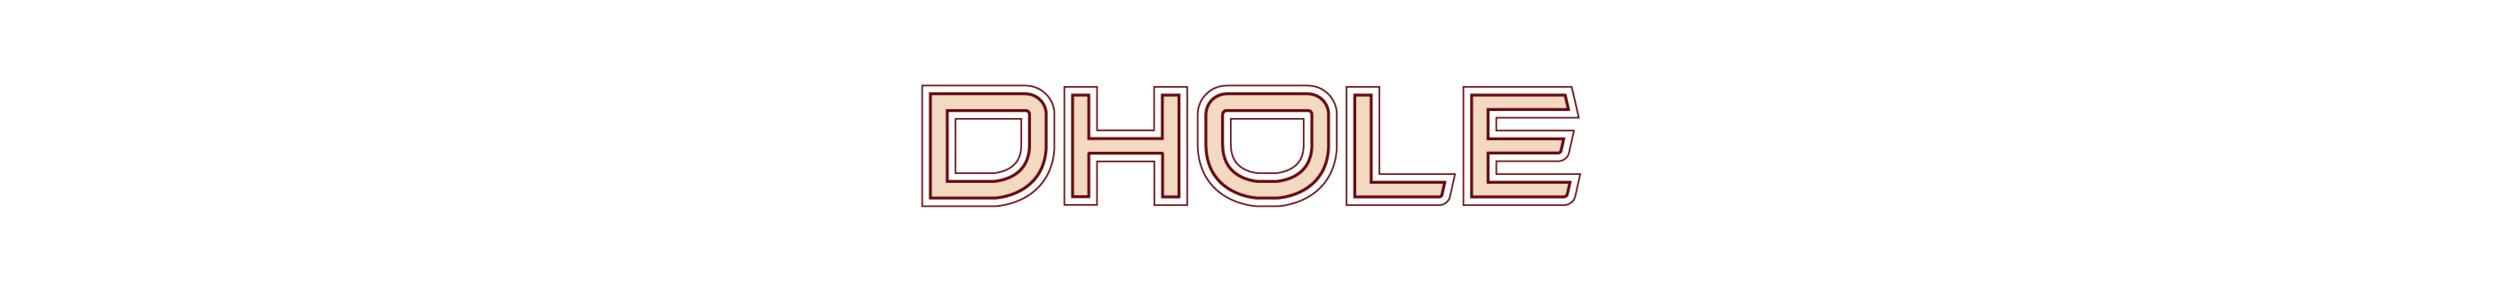 dhole_logo_color_bianco.png